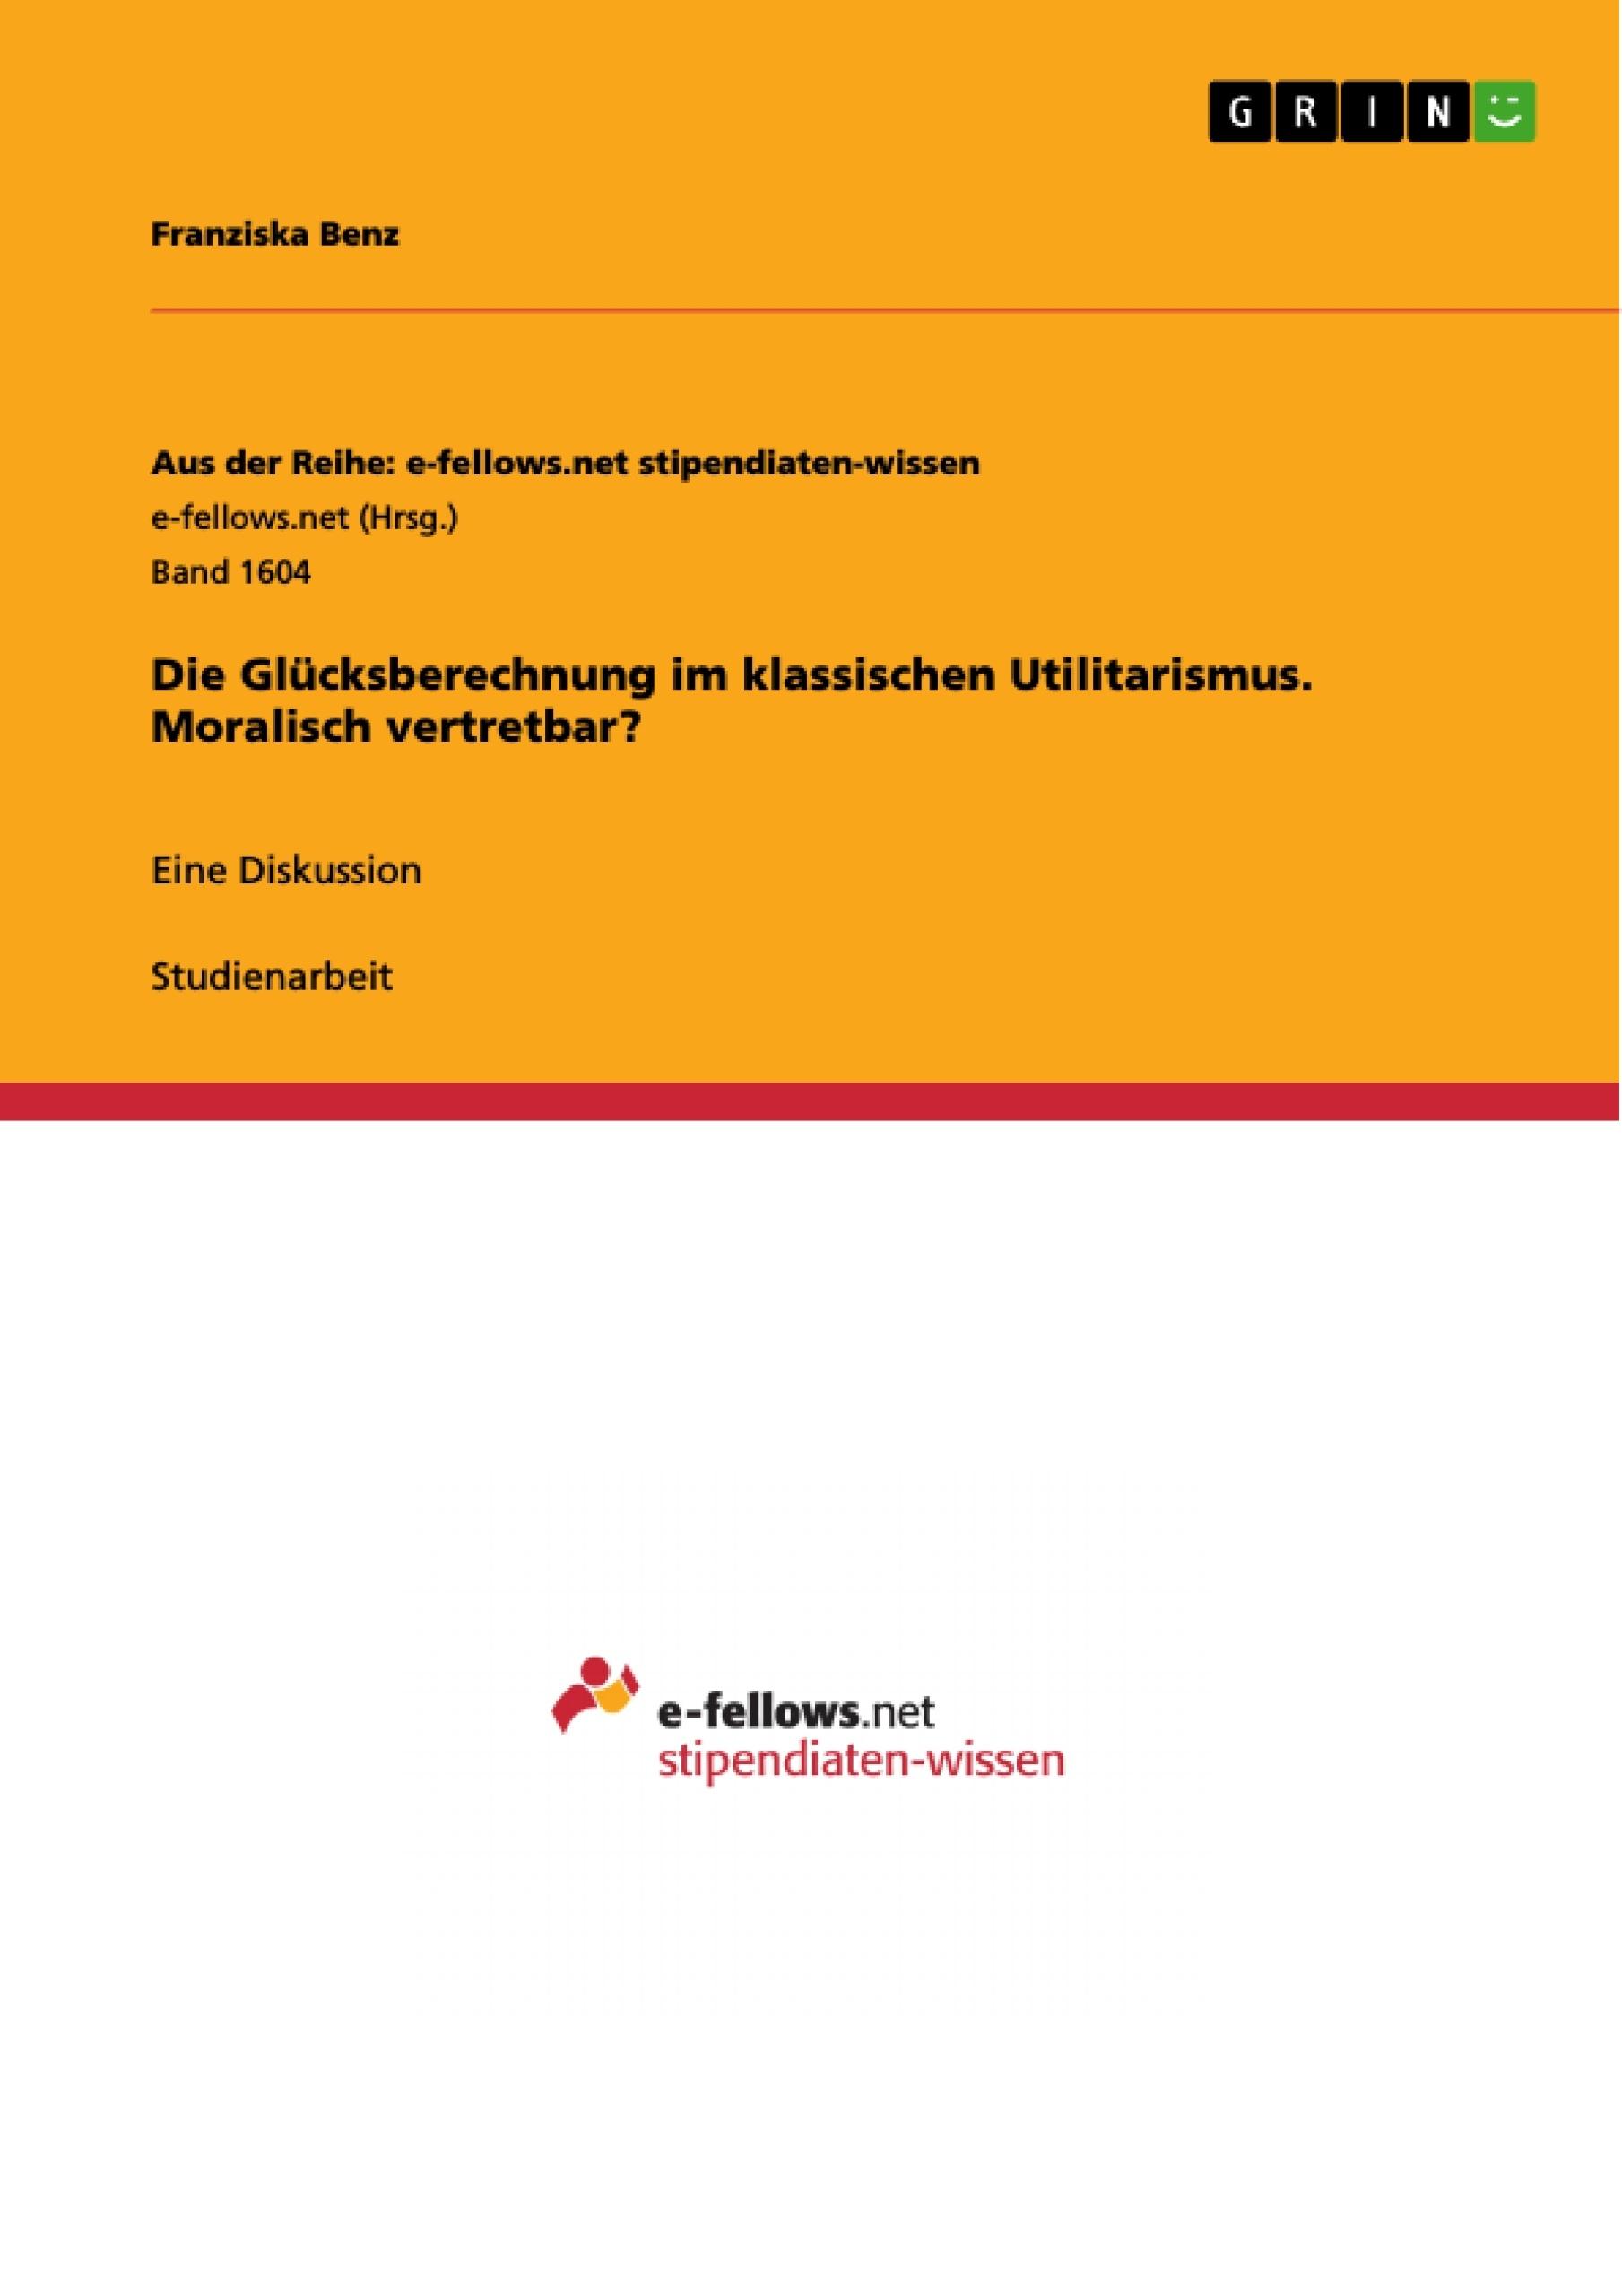 Titel: Die Glücksberechnung im klassischen Utilitarismus. Moralisch vertretbar?